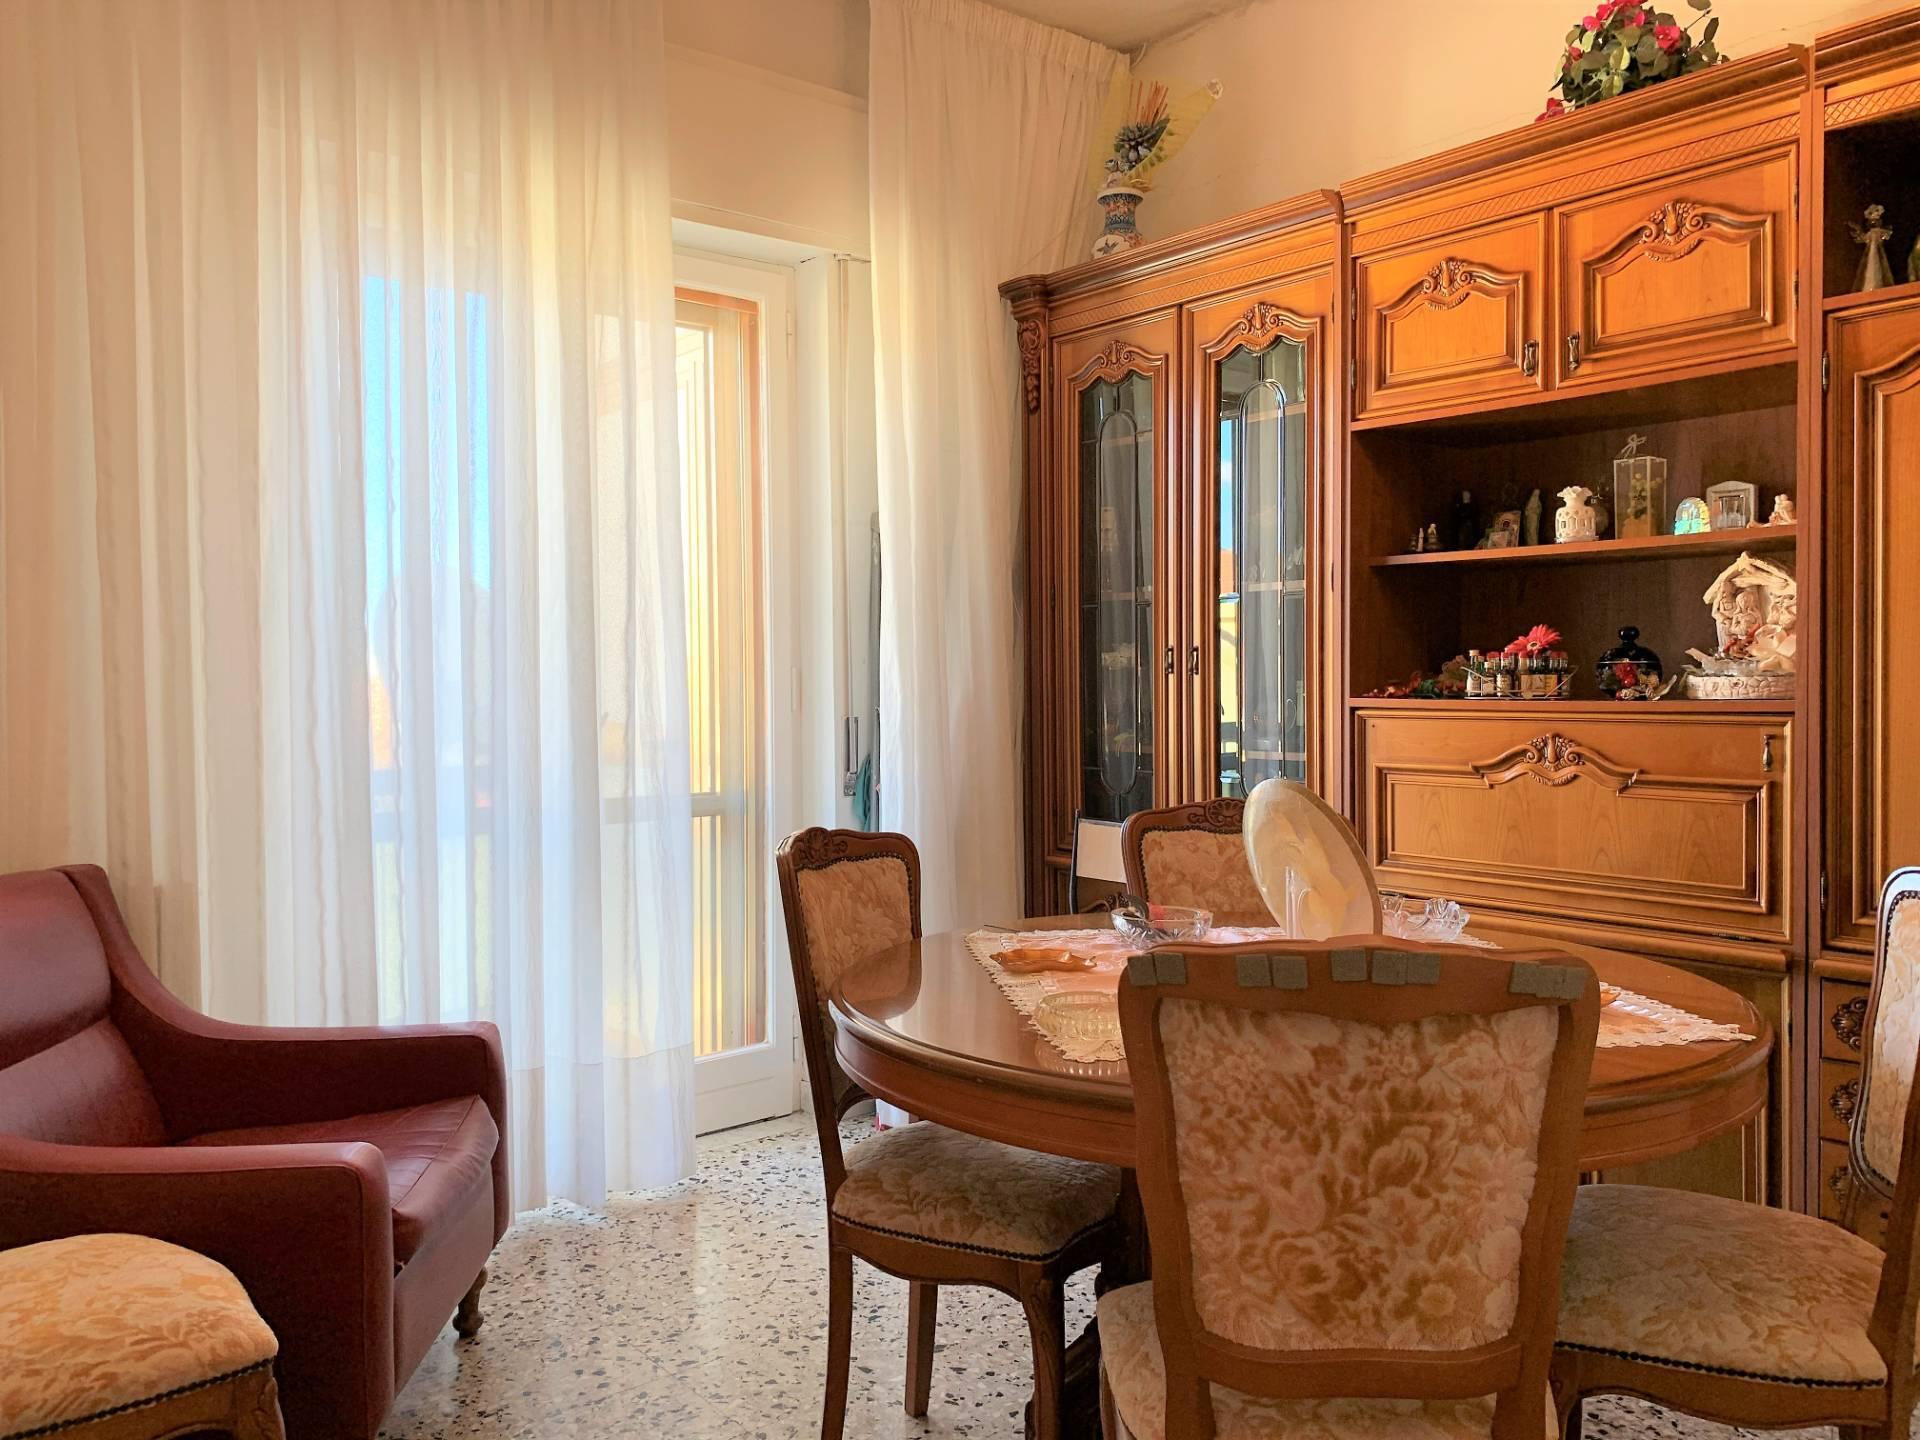 Appartamento in affitto a Catanzaro, 3 locali, zona Località: MaterDomini, prezzo € 350 | CambioCasa.it